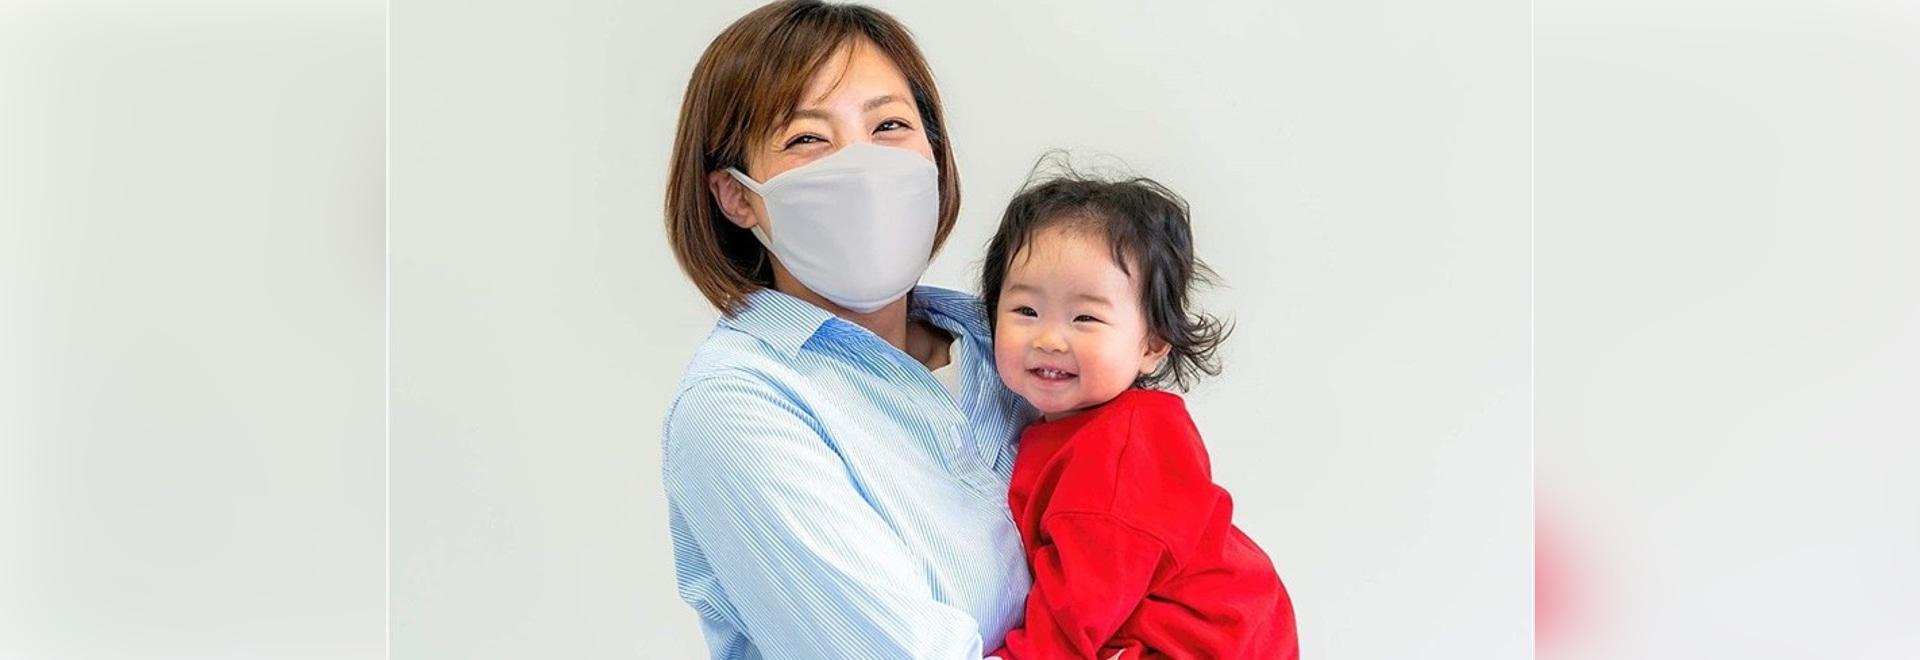 Nanofaser-Gesichtsmasken erhalten die Filtrationseffizienz nach dem Waschen